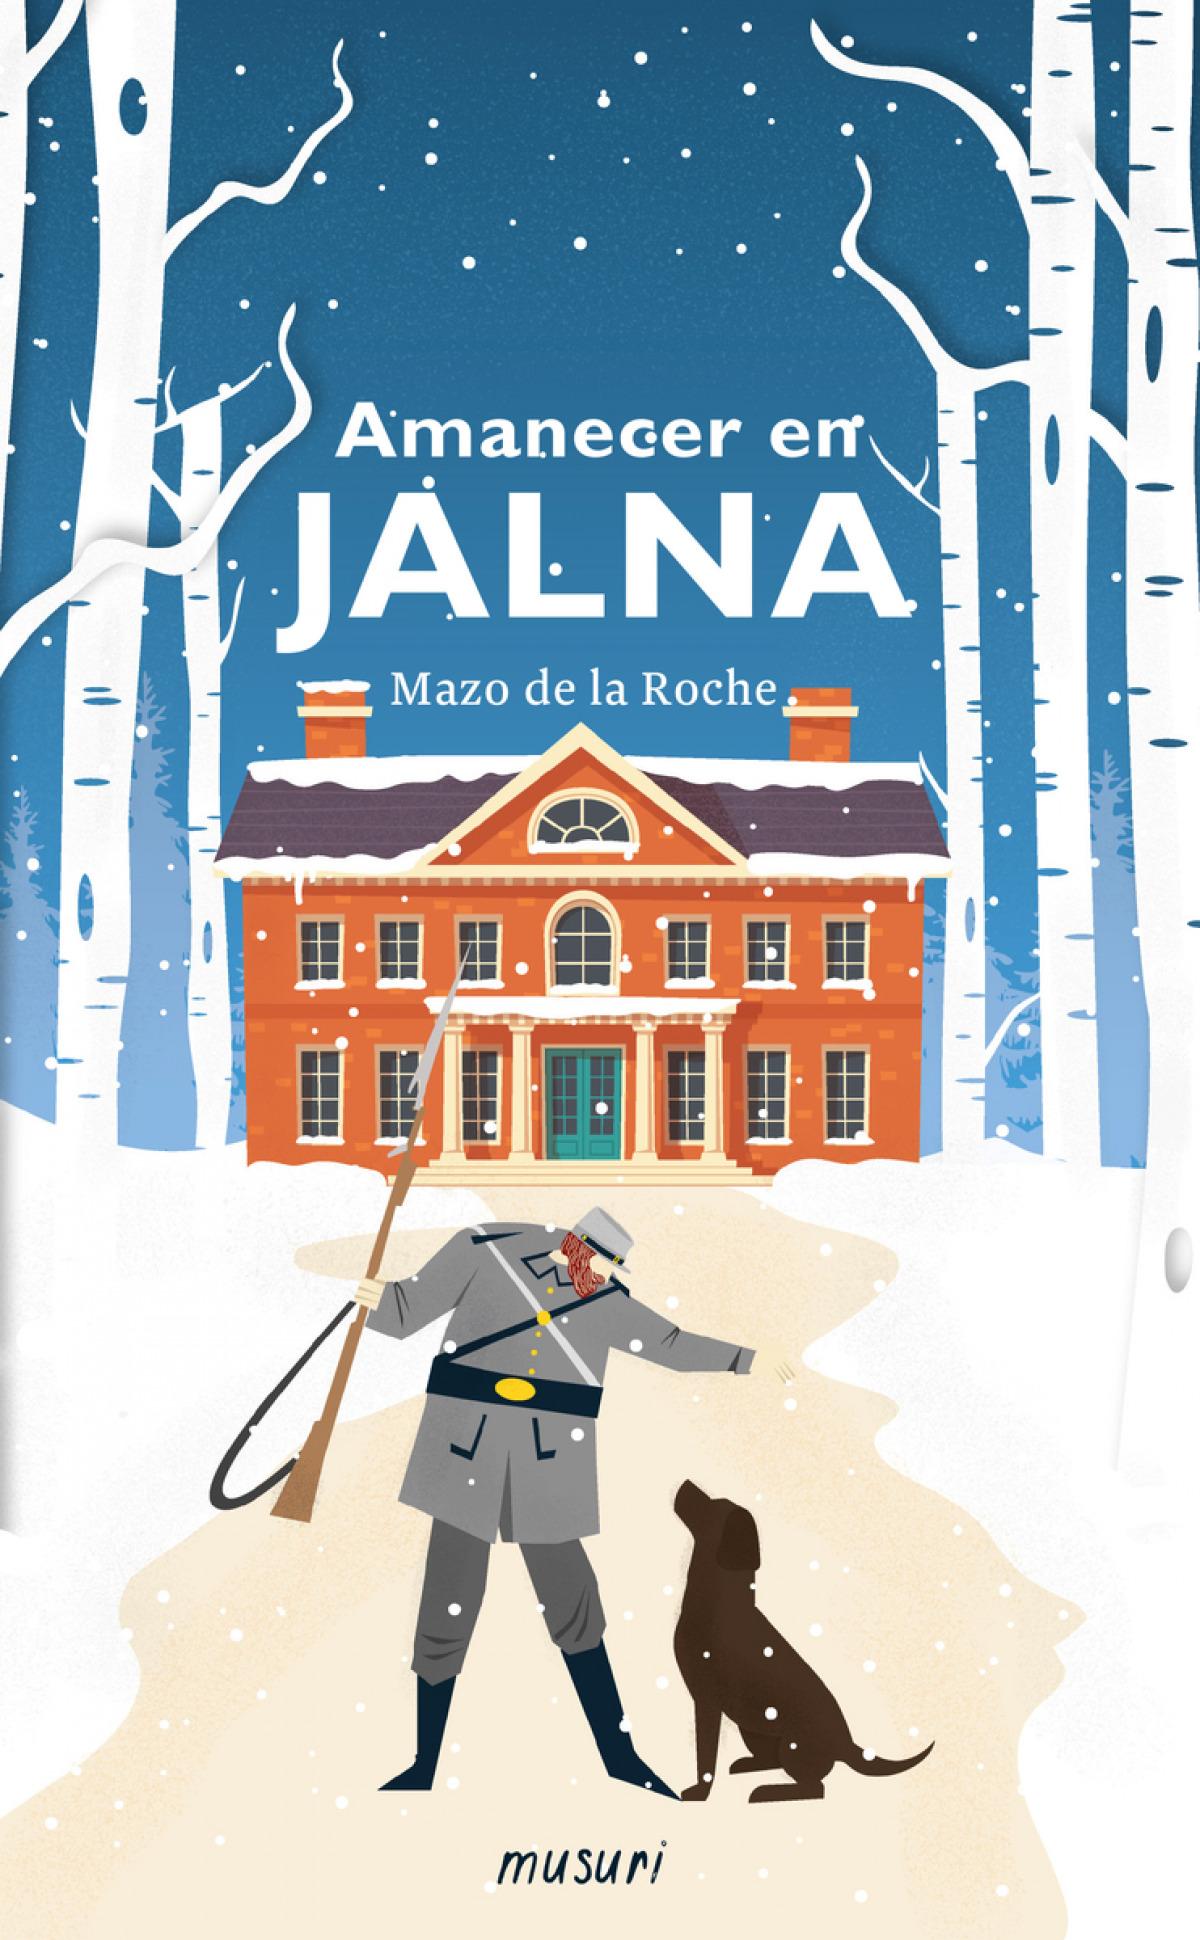 Amanecer en Jalna